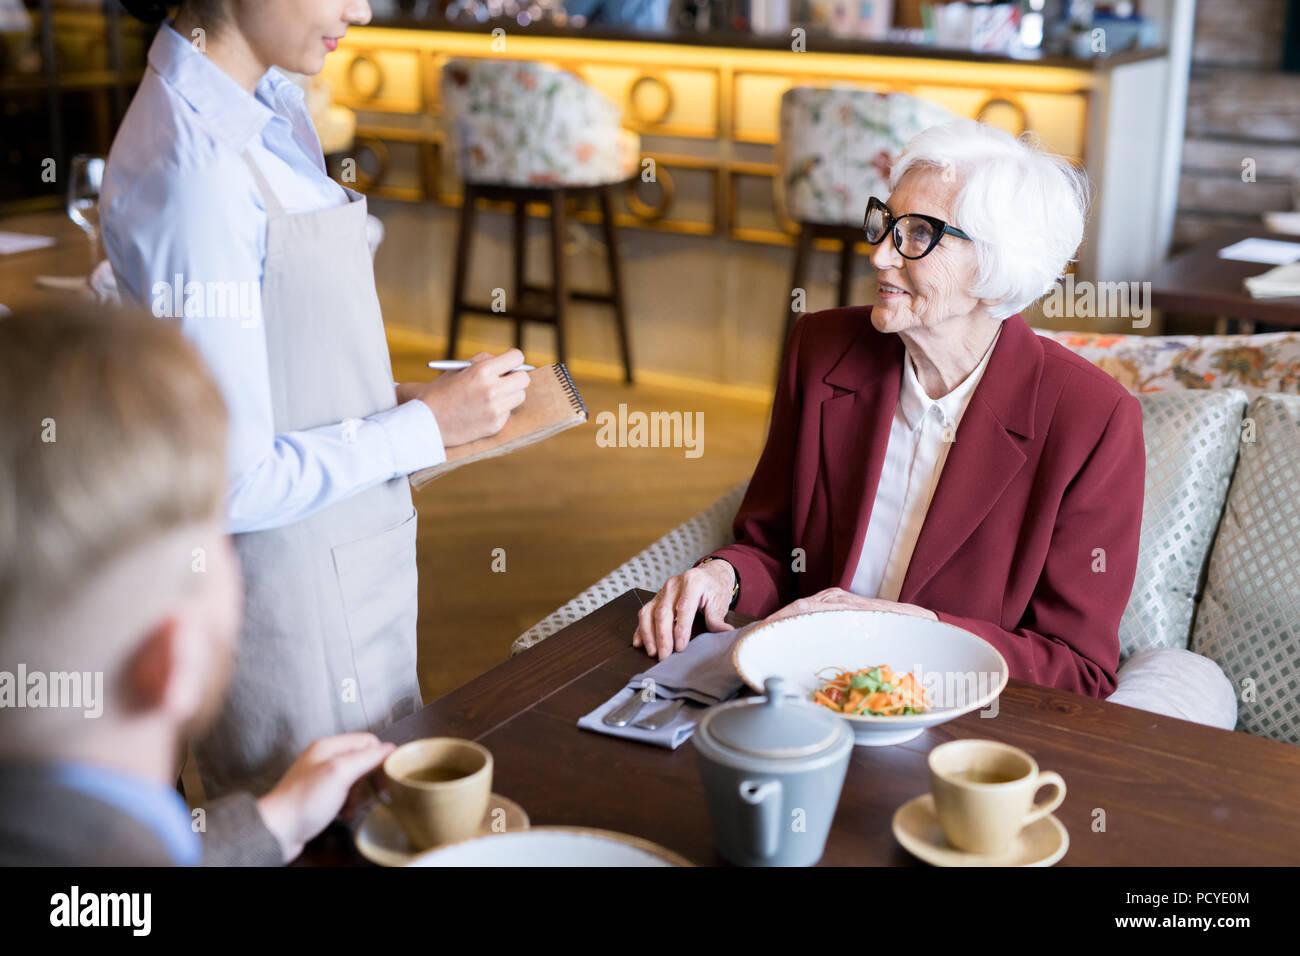 Having dinner at the restaurant - Stock Image